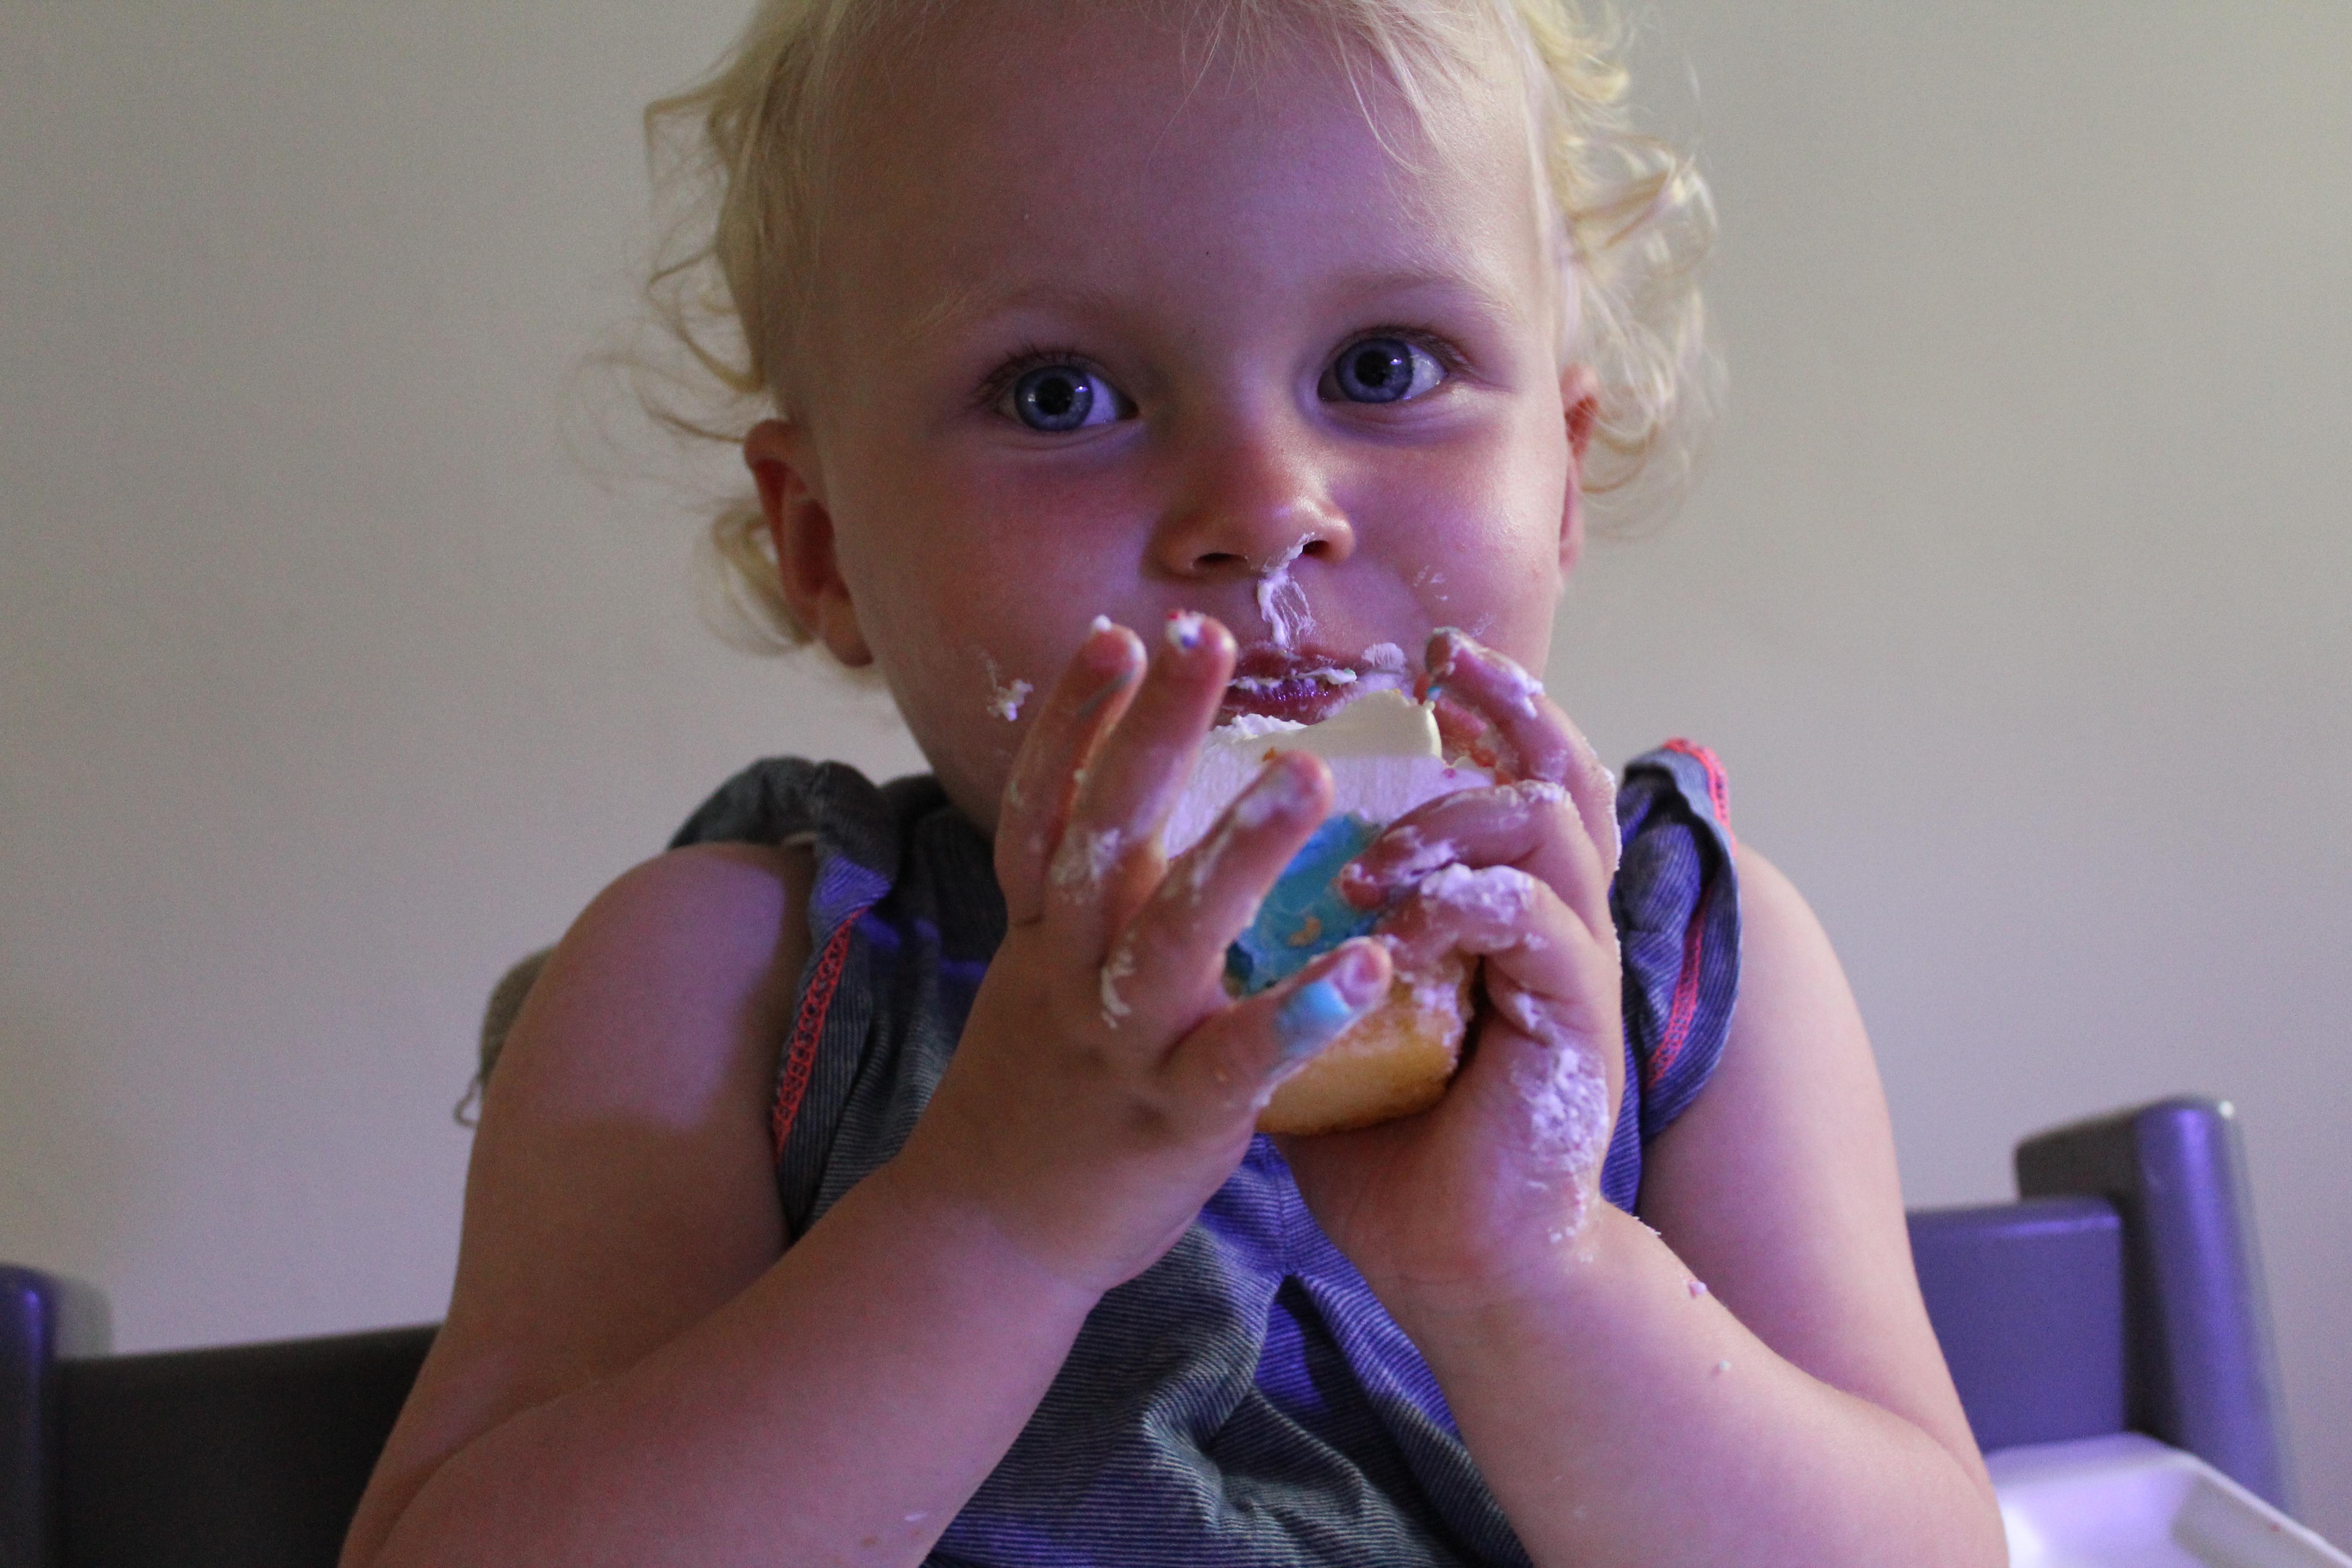 9-16-zwanger-baby-jongen-buik-bijwerkingen-symptomen-zwangerschap-4-maanden-16-weken-buik-gevoel-hormonen-voelen-baby-schopjes-gezicht-echo-blauw